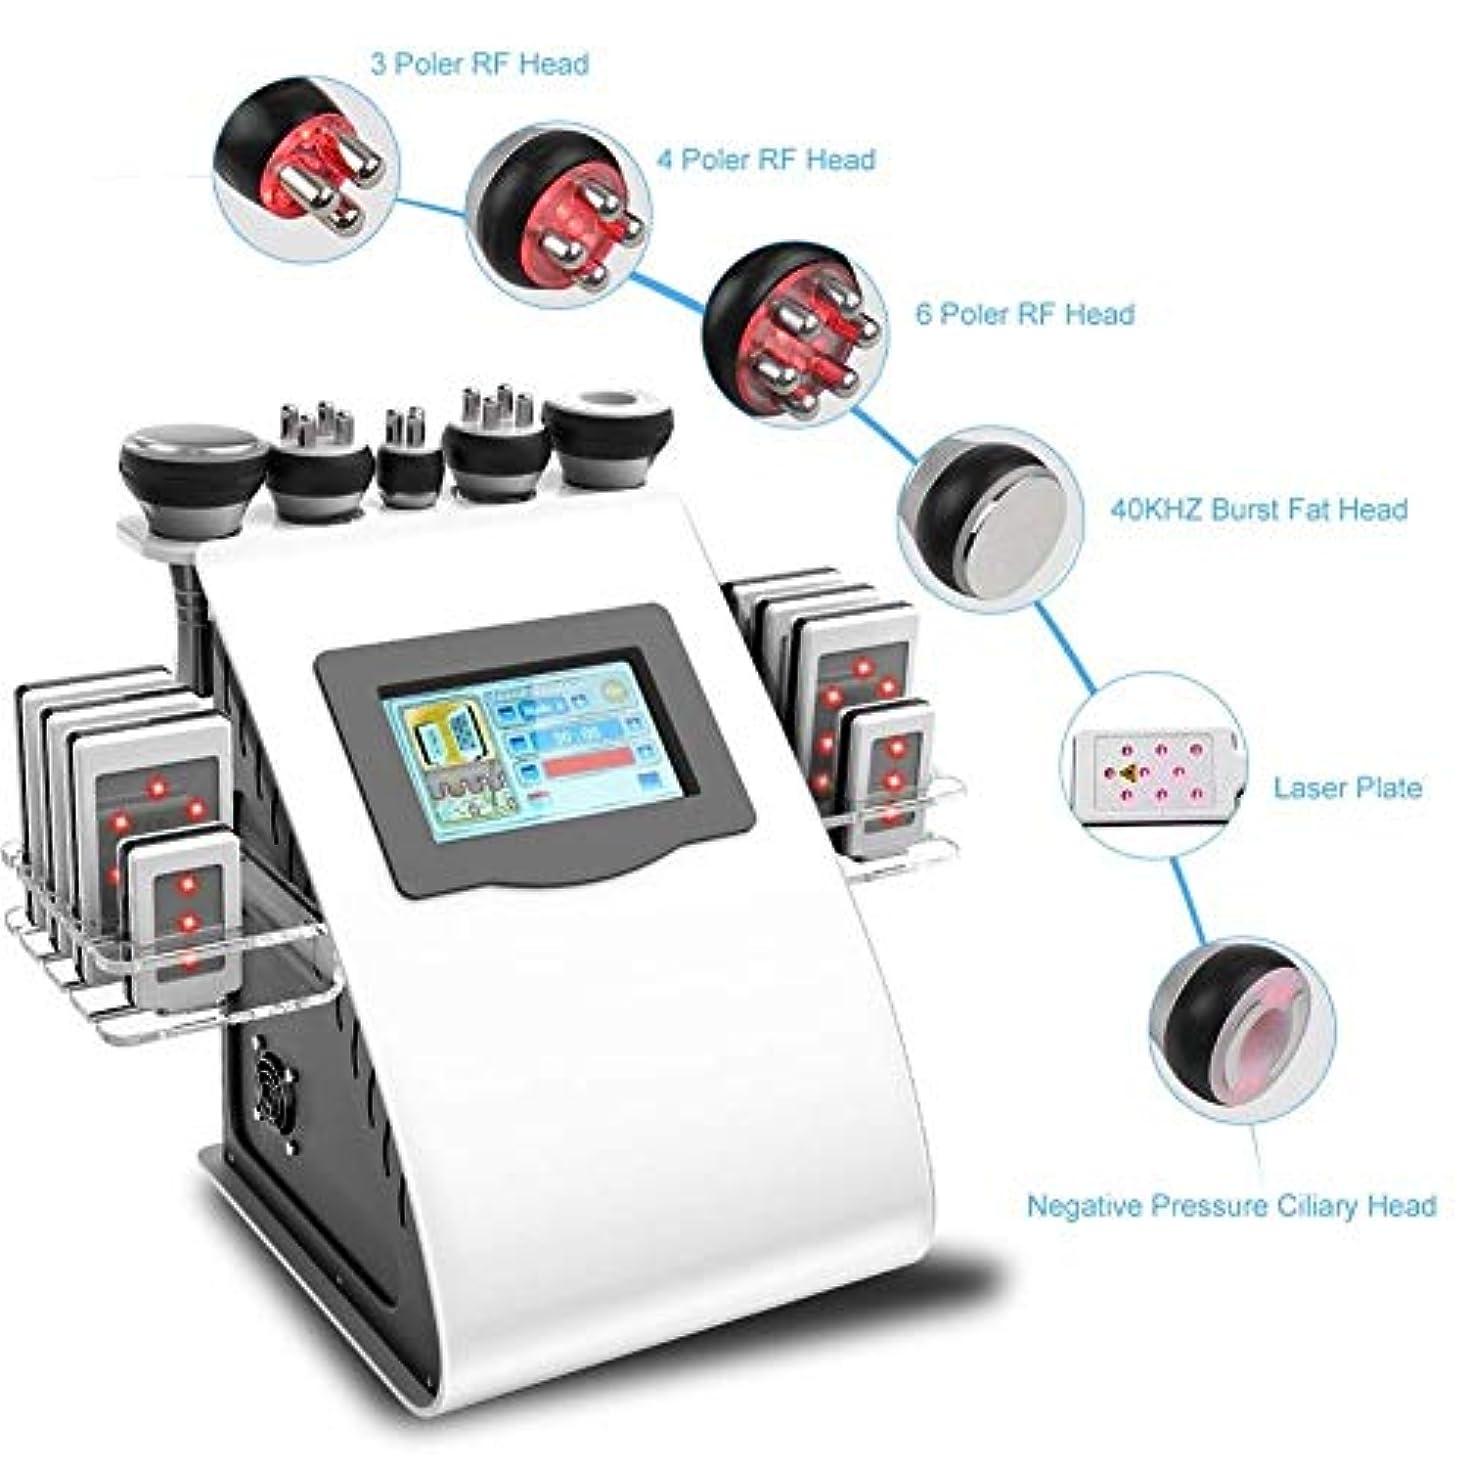 水平遅滞狭いマッサージ、フェイスケアボディスリミングシェーピング治療装置の機械、40Kプロフェッショナル脂肪マッサージ、美容R/F多極真空ツールリフティングスキンをシェーピングボディ、スキンケアSPAは、脂肪、脂肪燃焼しわ除去機を削除します